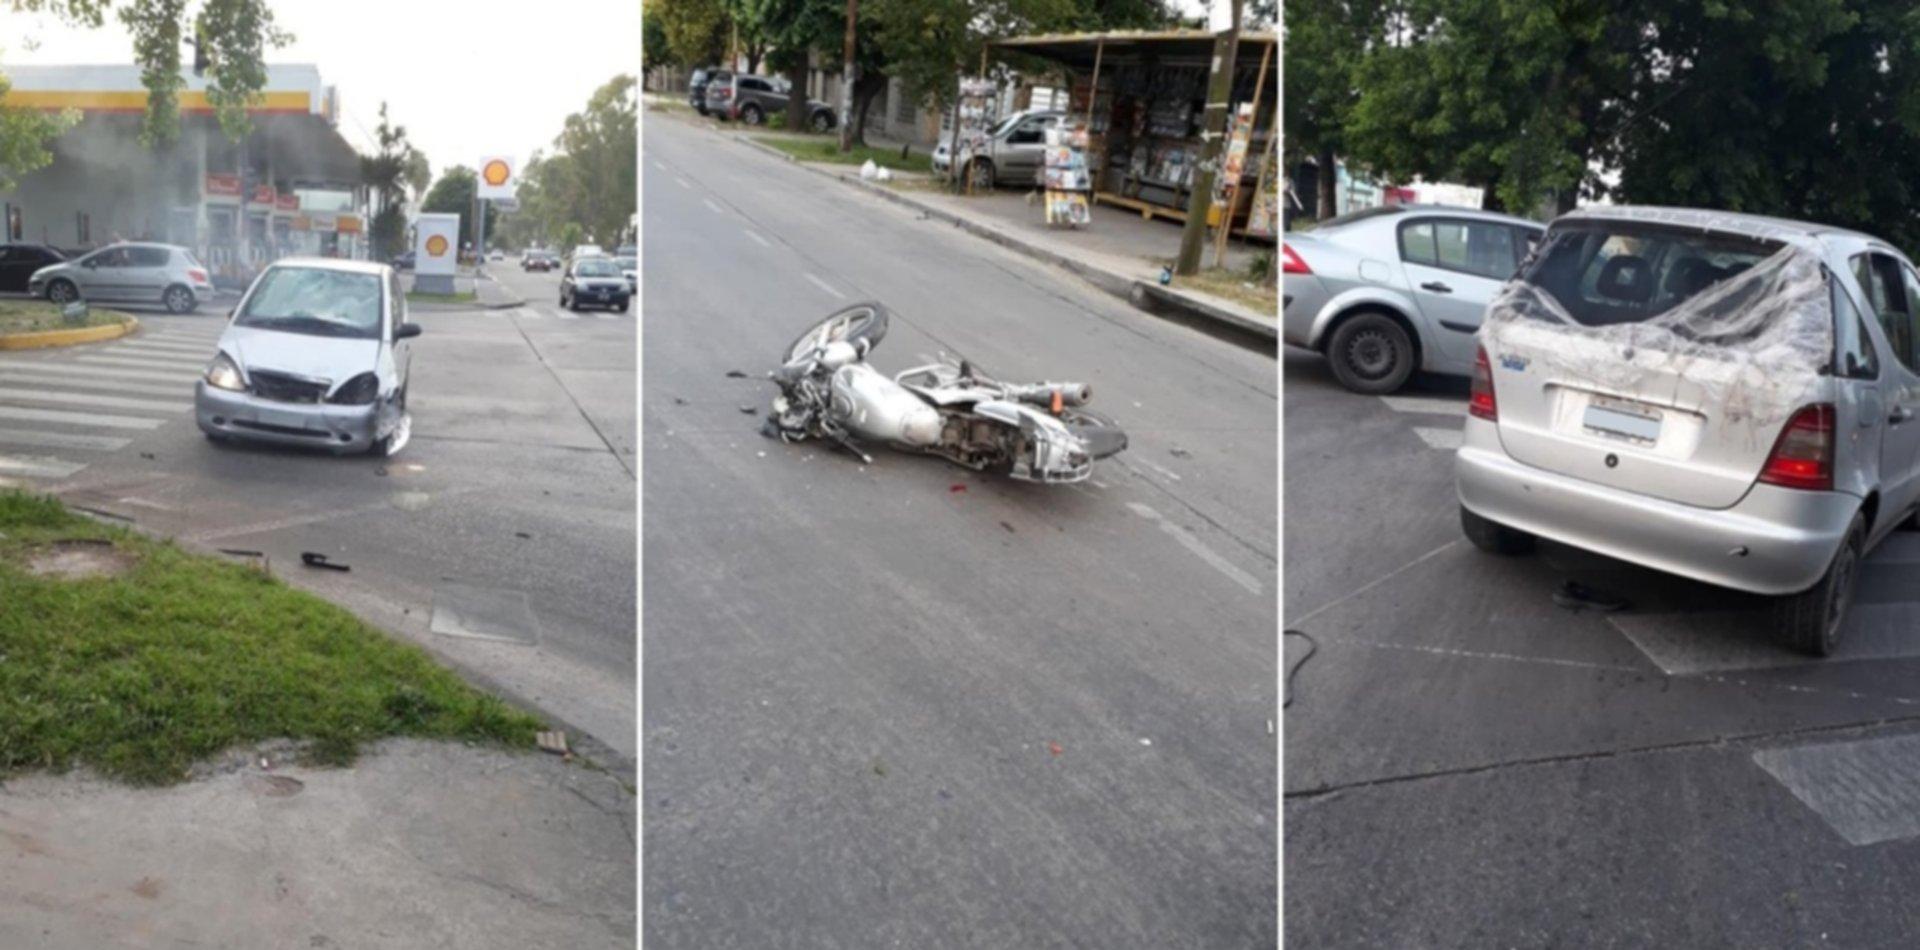 Tremendo choque en La Plata: atropelló a un motociclista y denuncian que lo dejó tirado